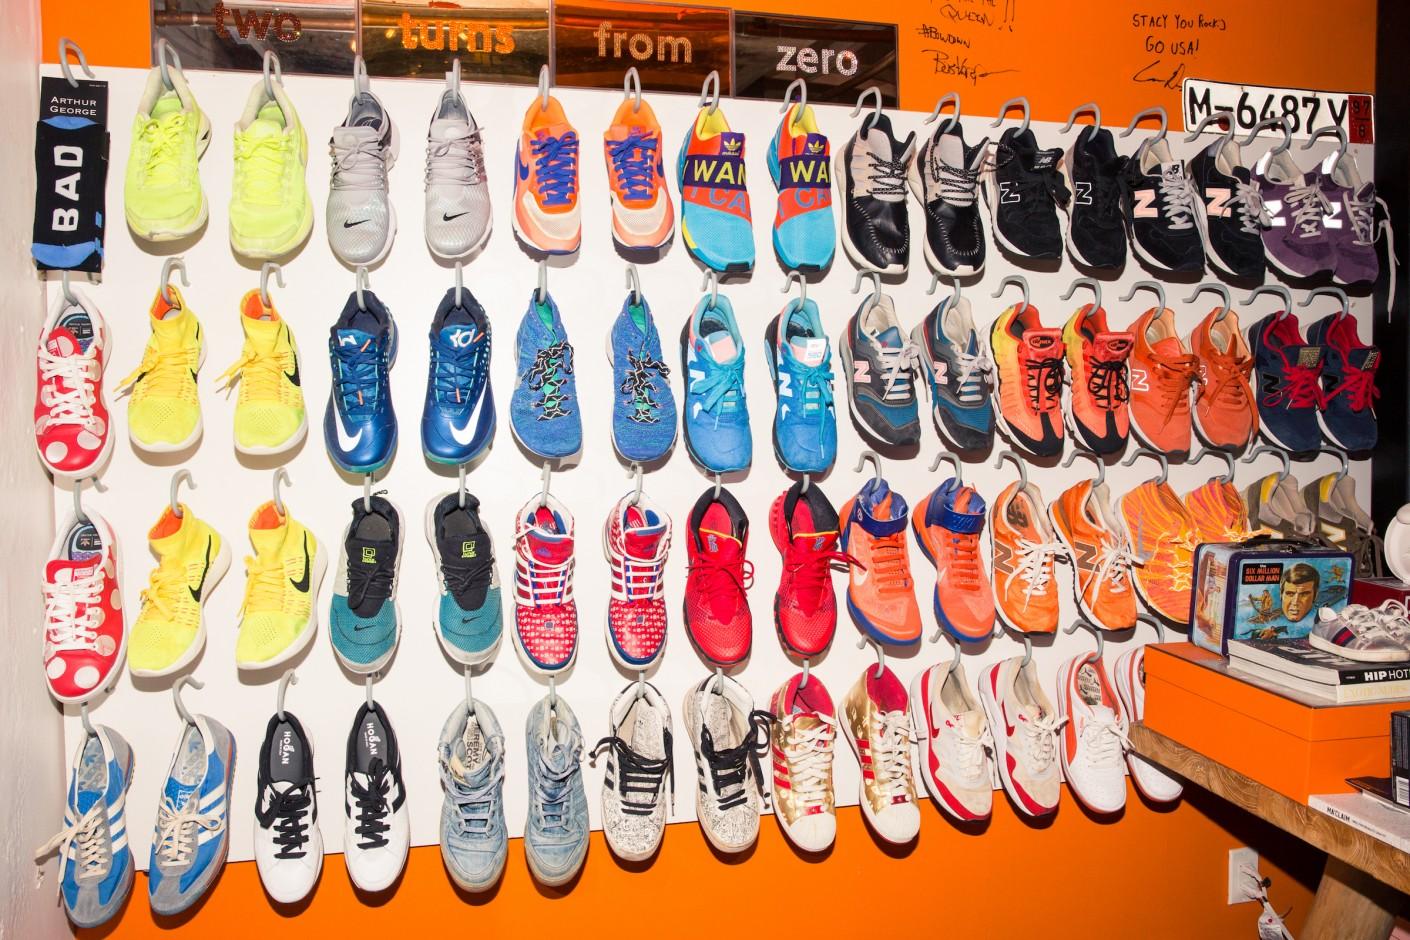 O M G, shoes!